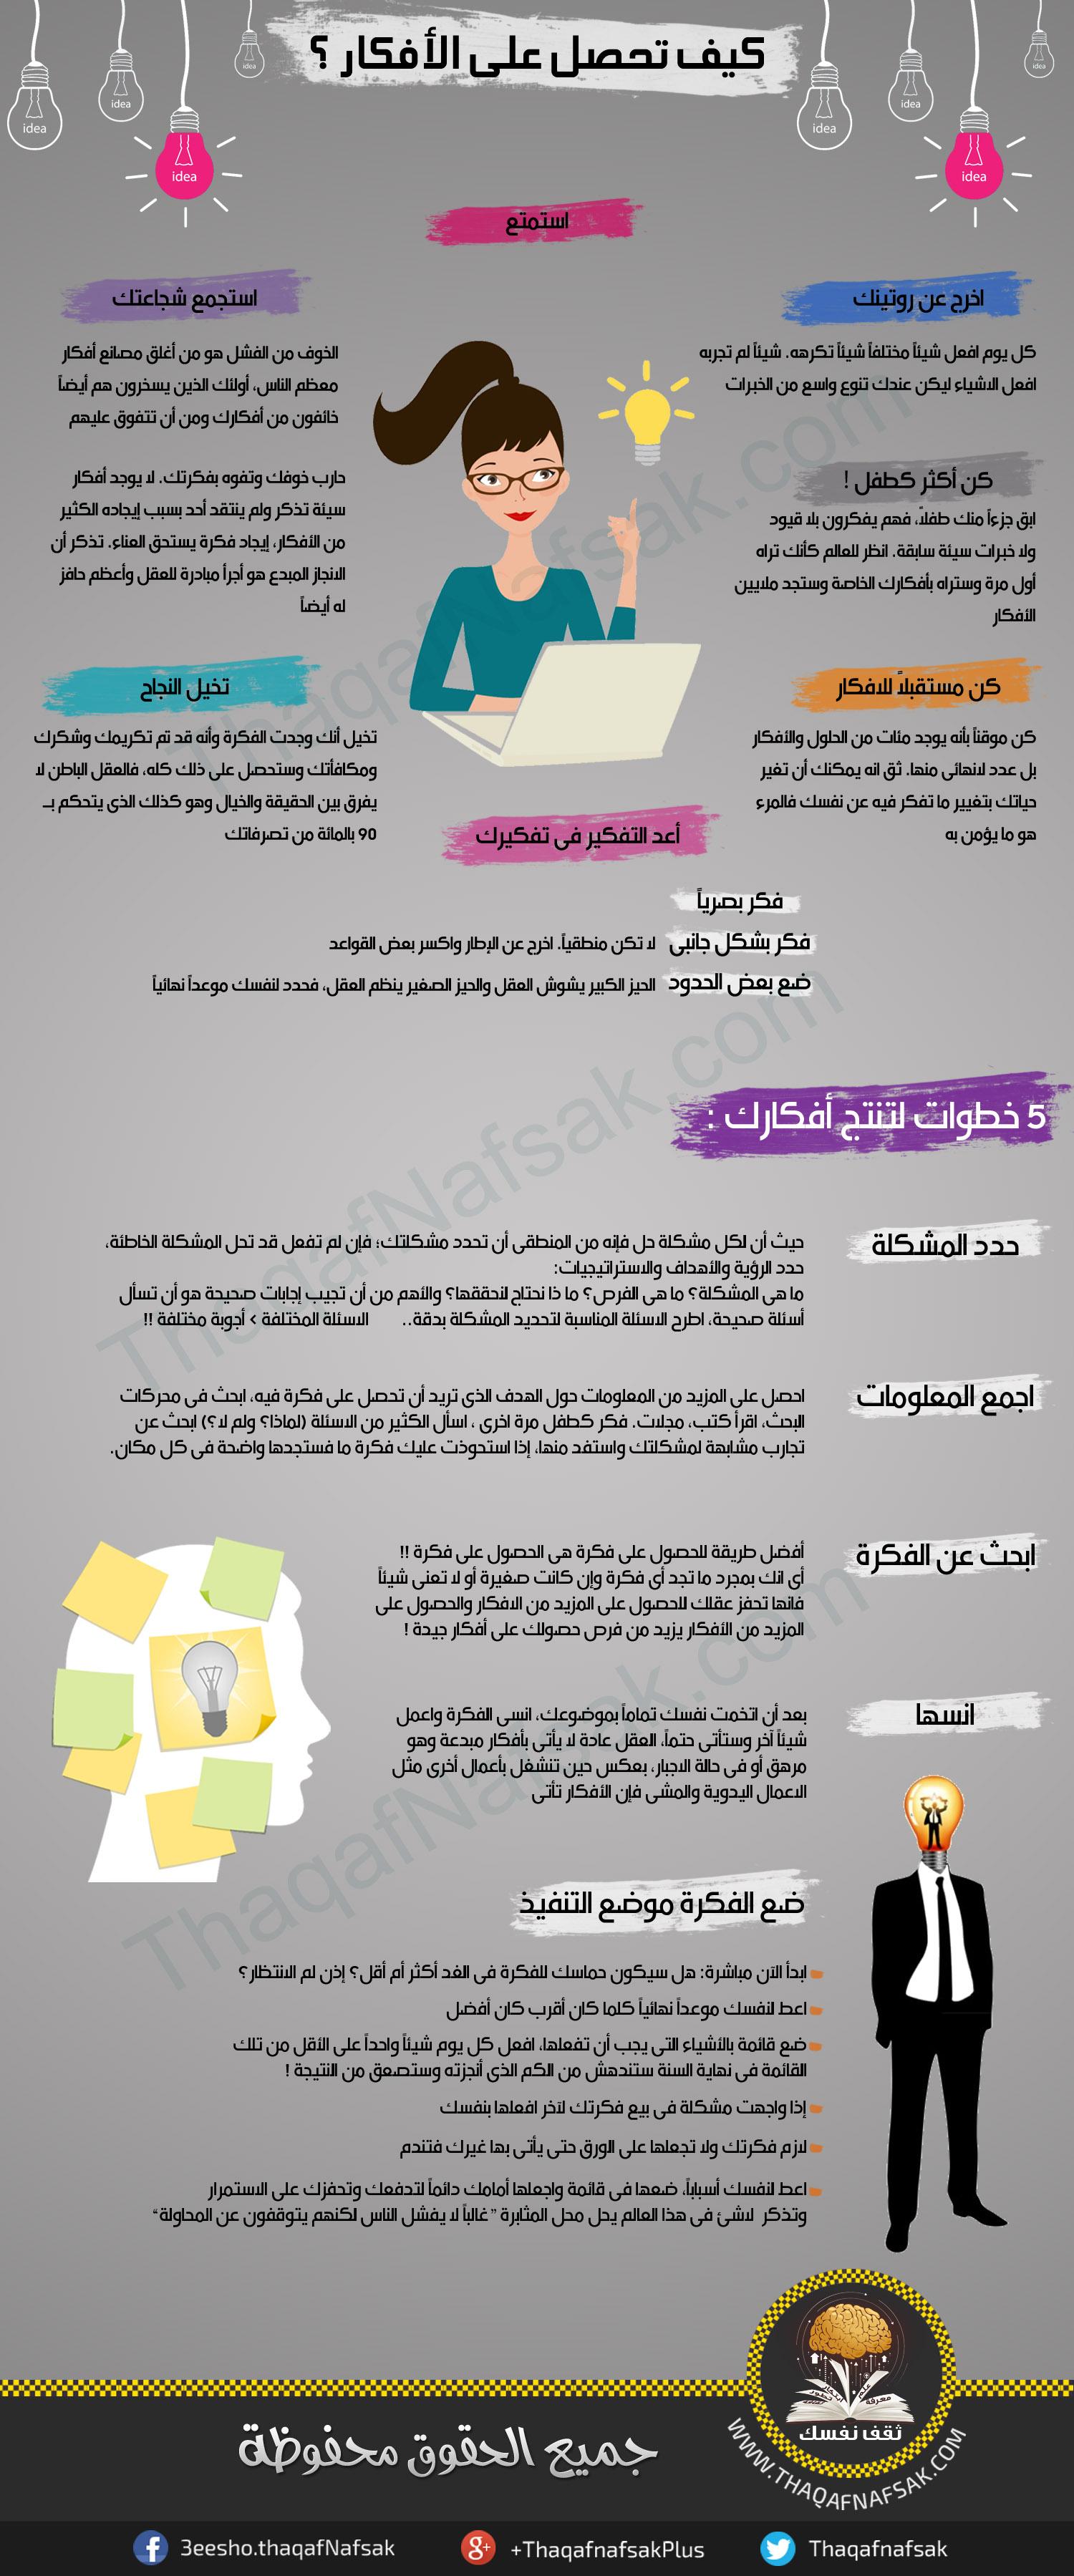 info124